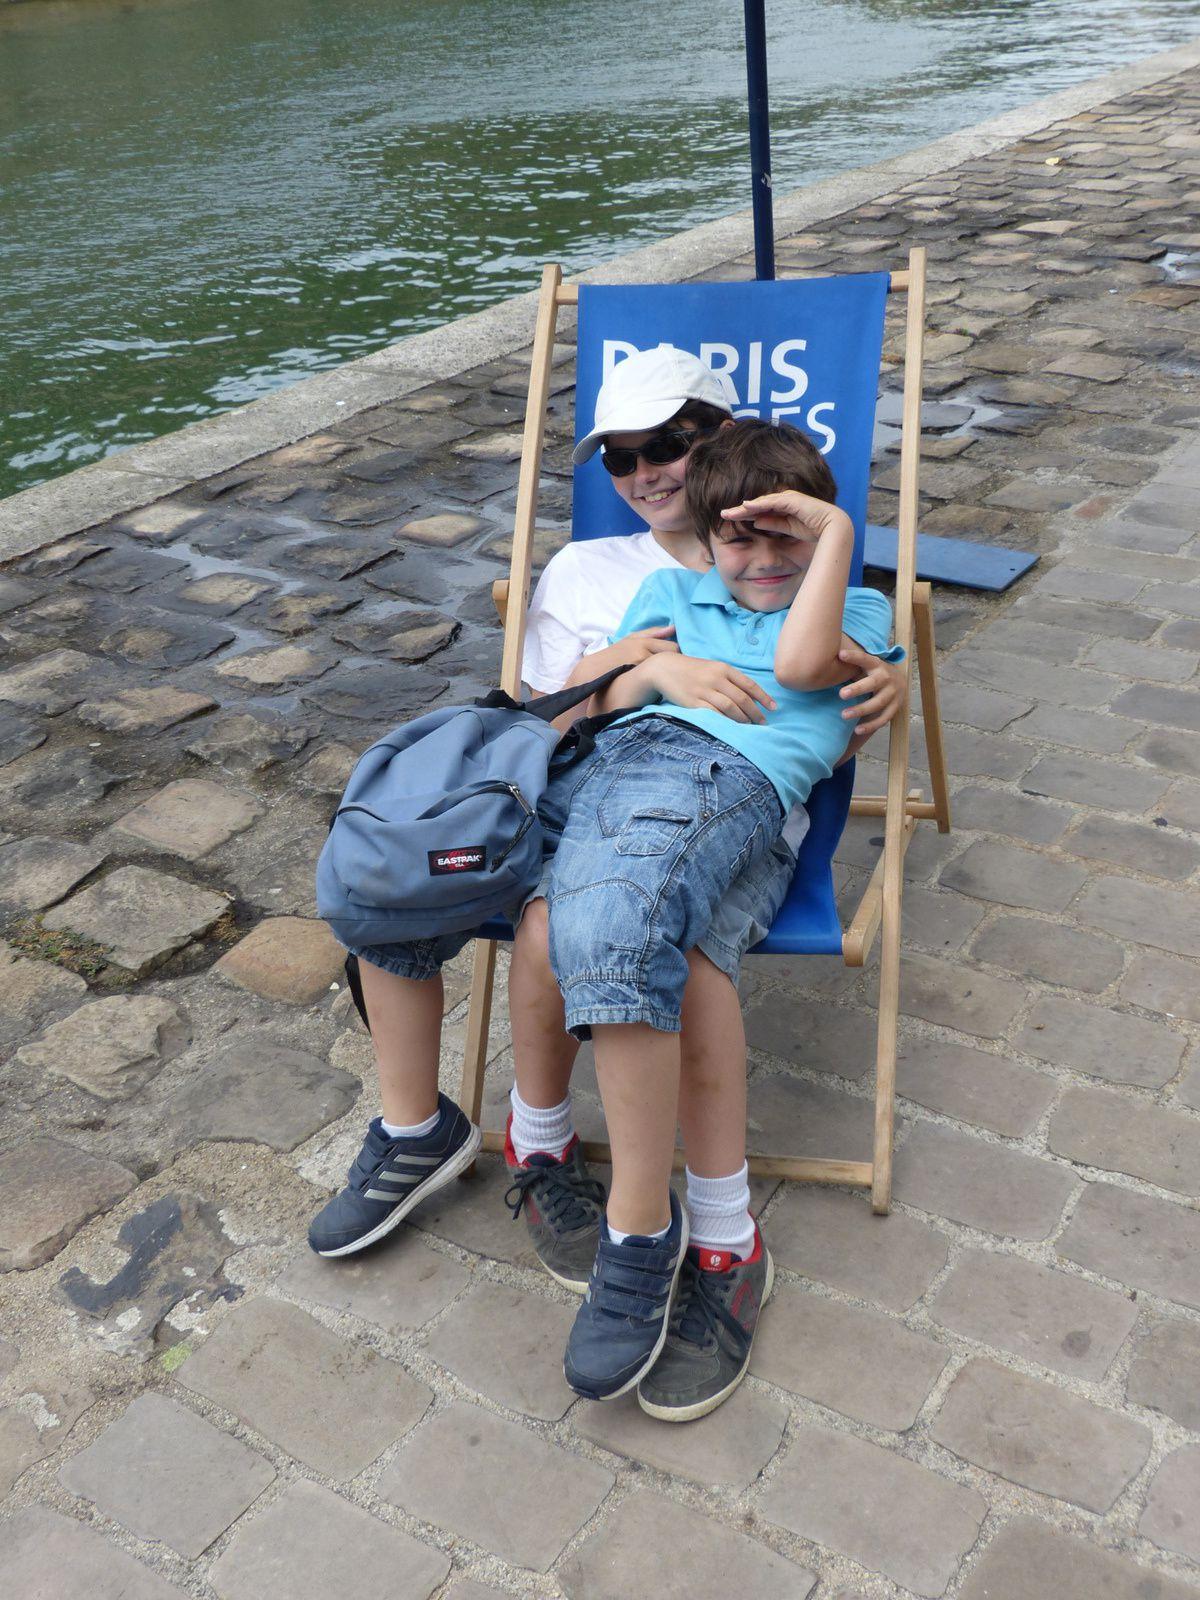 à l:exception des clichés ou ils figurent tous 2 ensemble, toutes les photos ont été prises ce lundi 20 juillet 2015 par mes 2 petits fils....Remerciements à Mme Hidalgo, maire de Paris, d'être venue à notre rencontre...